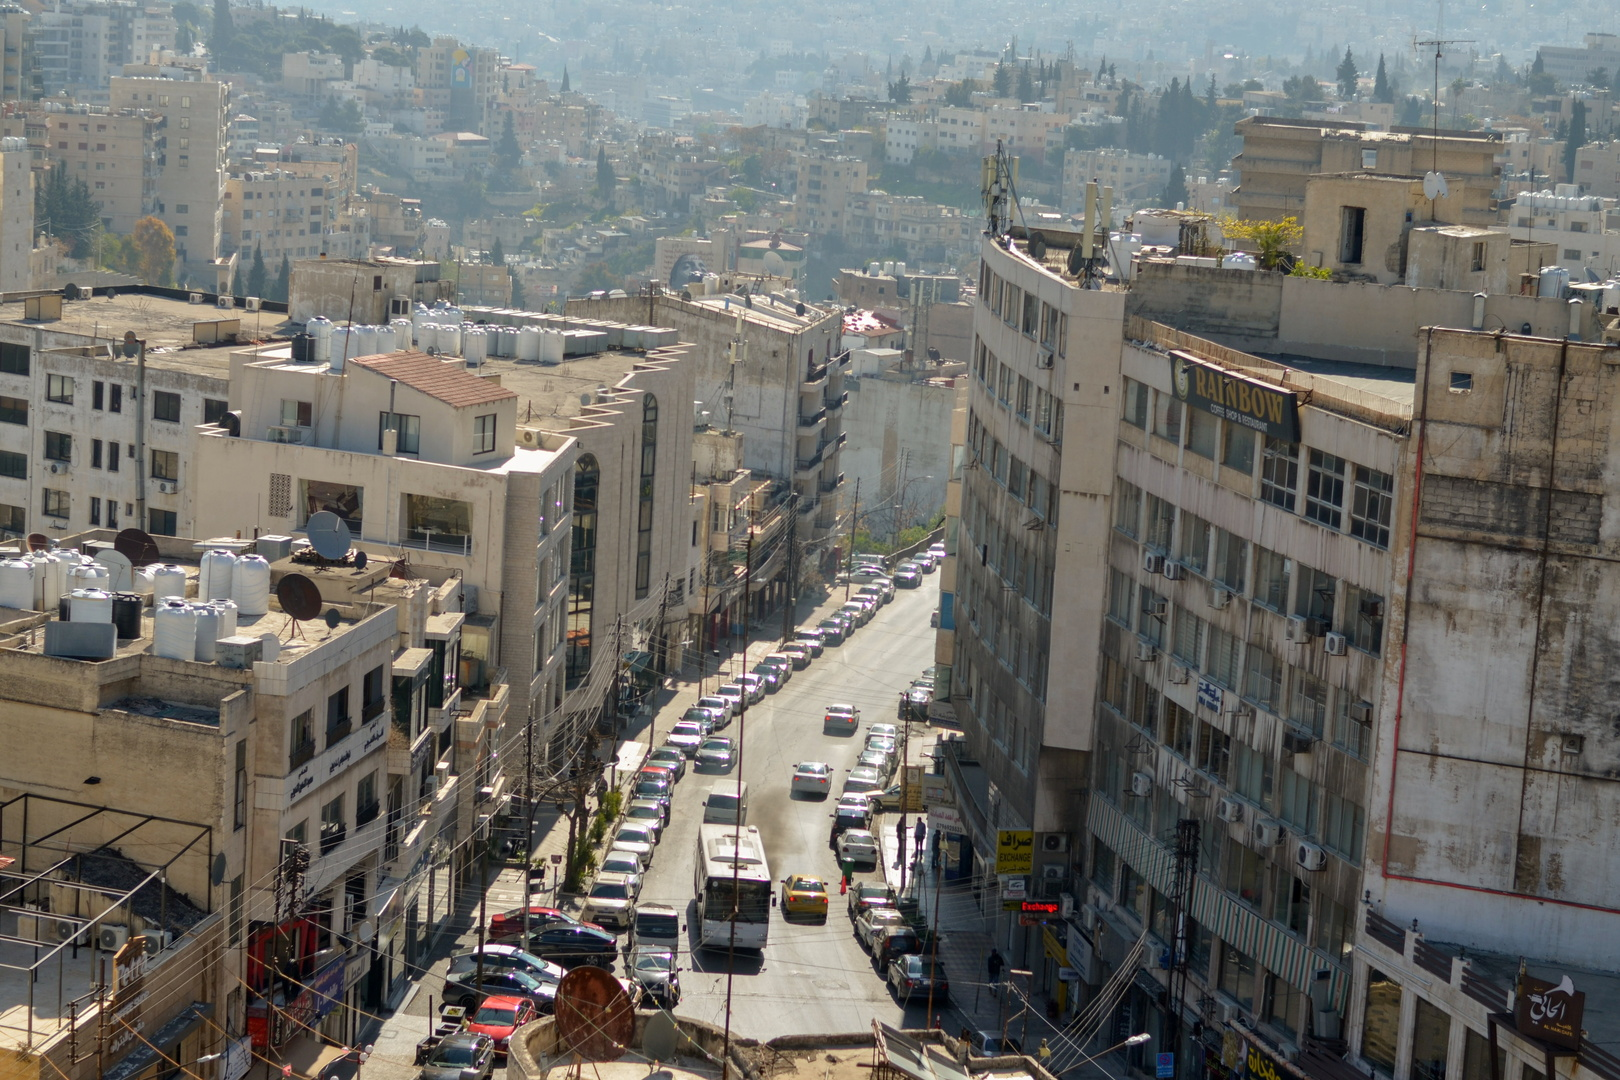 الطب الشرعي في الأردن يكشف عن 68 حالة انتحار في المملكة خلال 6 أشهر